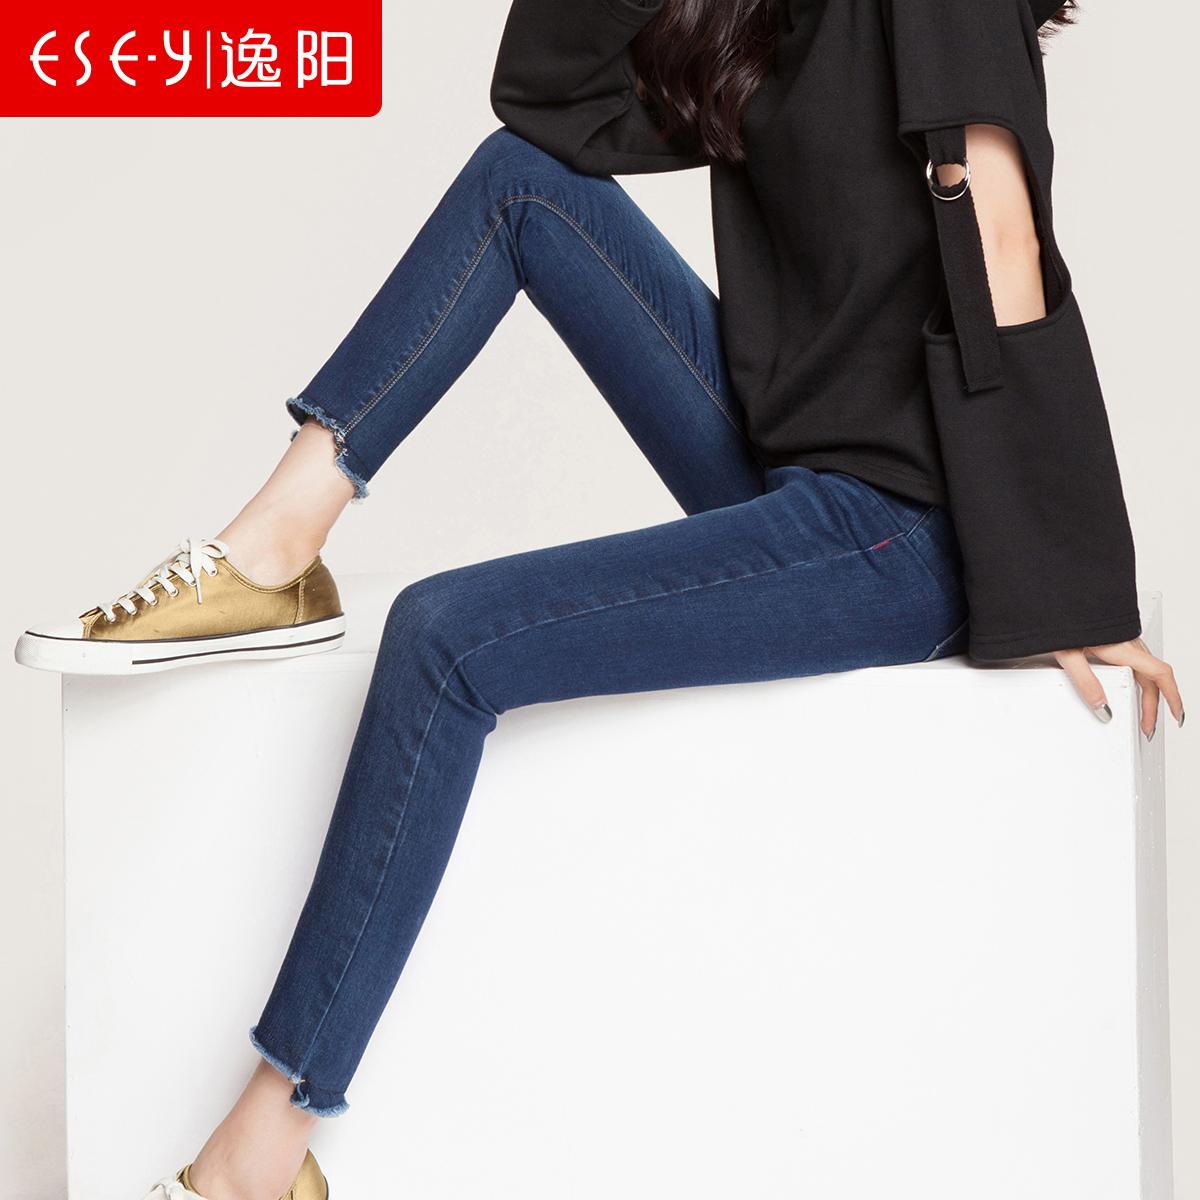 韩版显瘦小脚牛仔裤深蓝色女